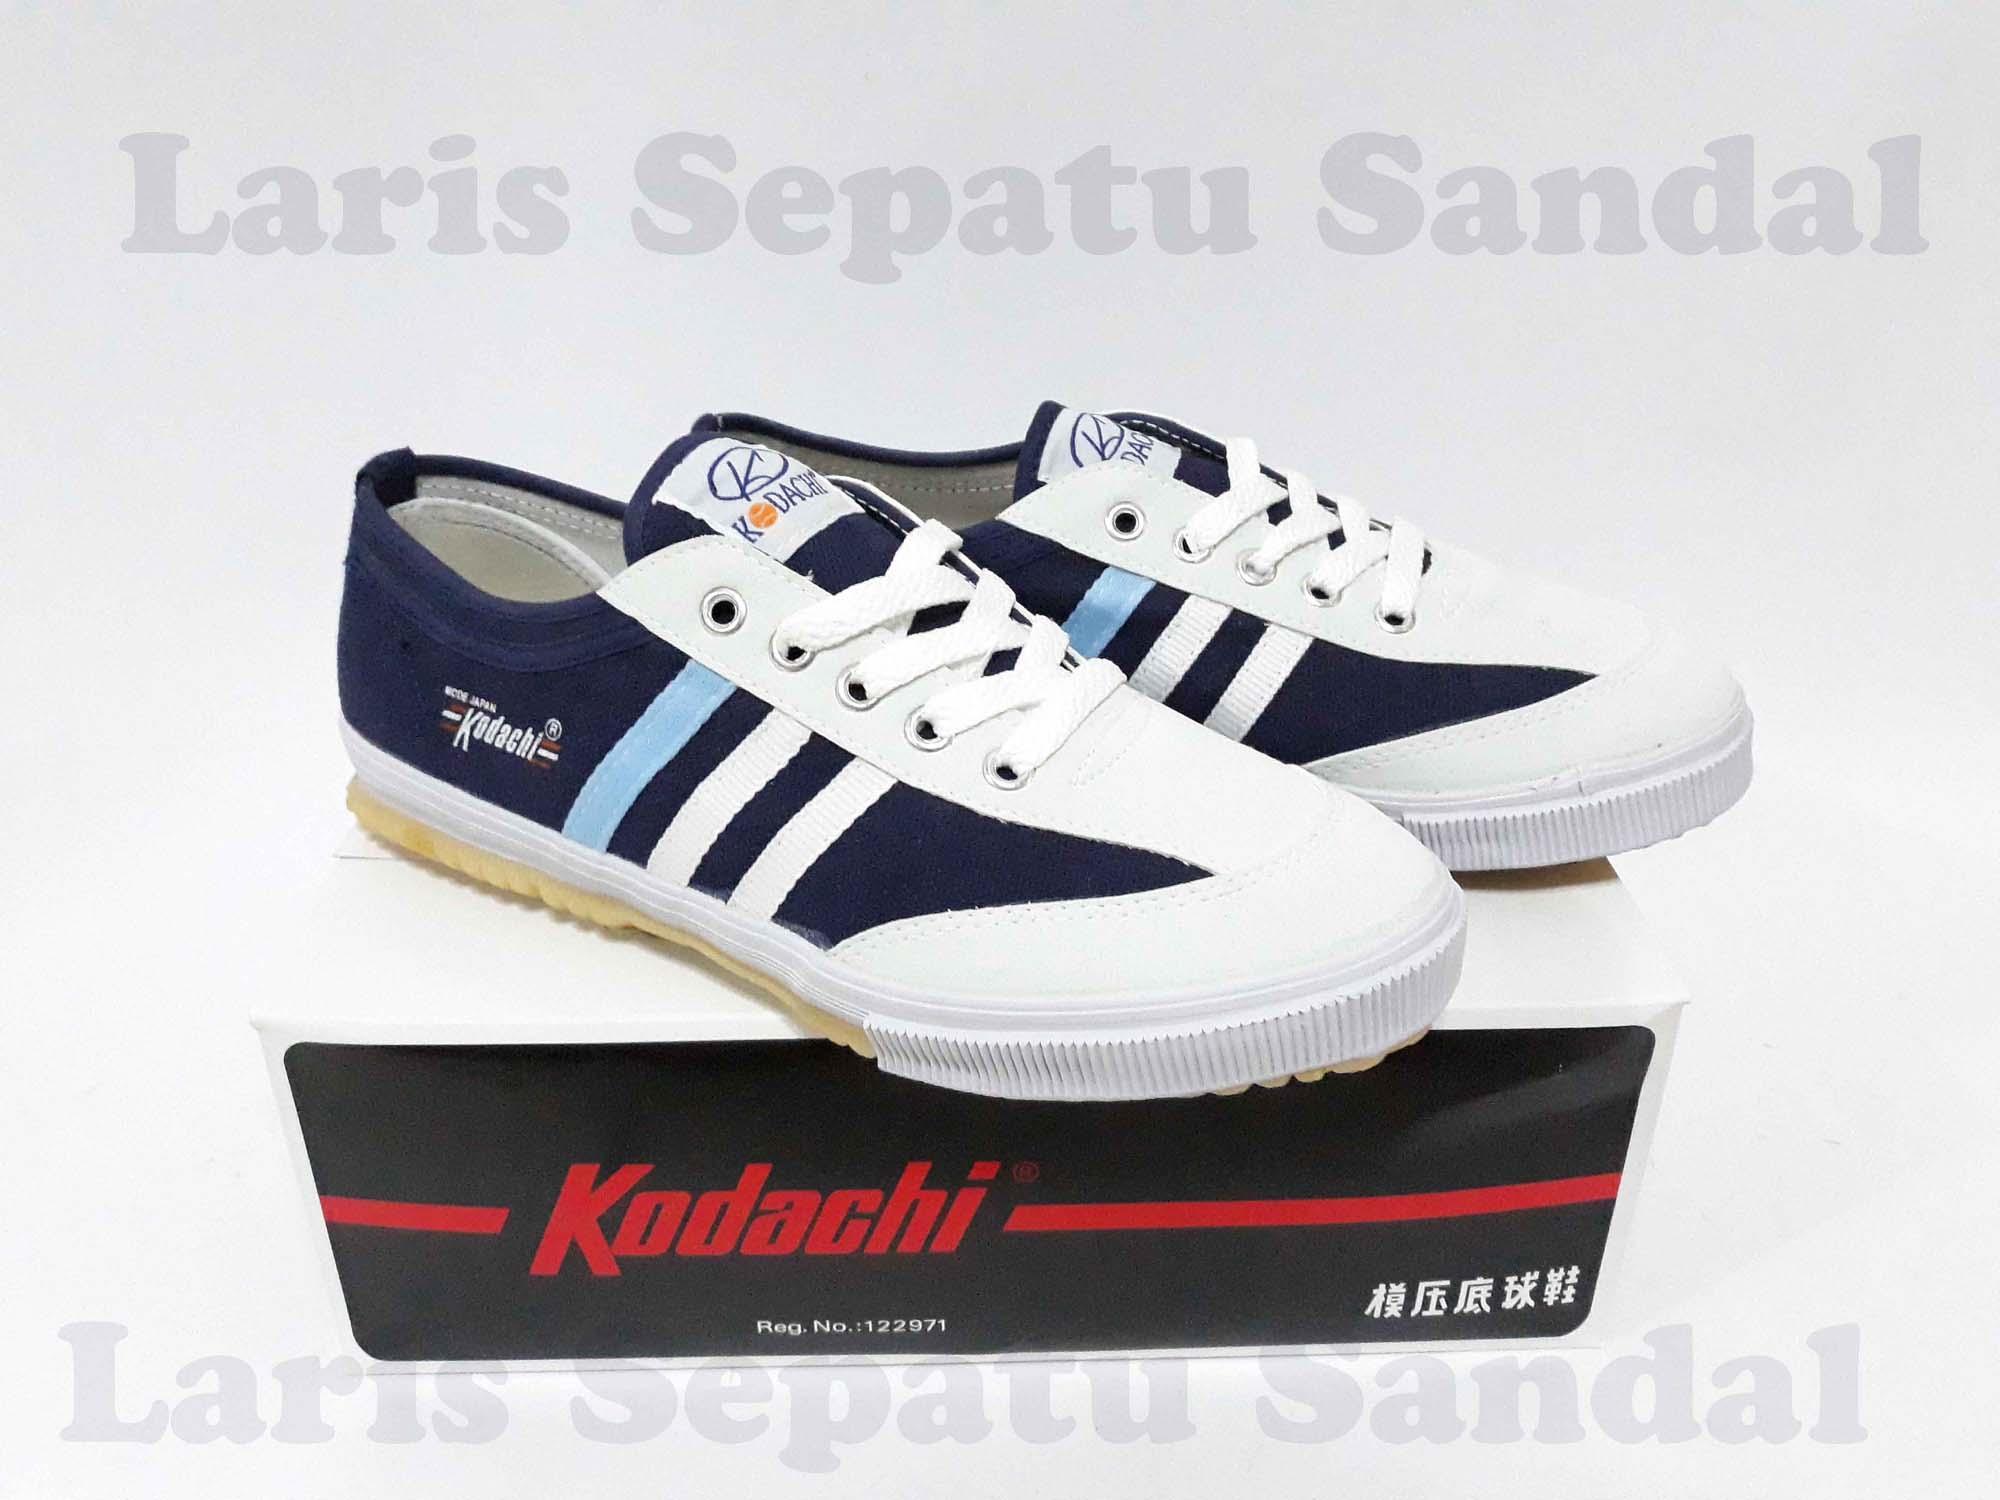 Sepatu Capung - Kodachi 8112